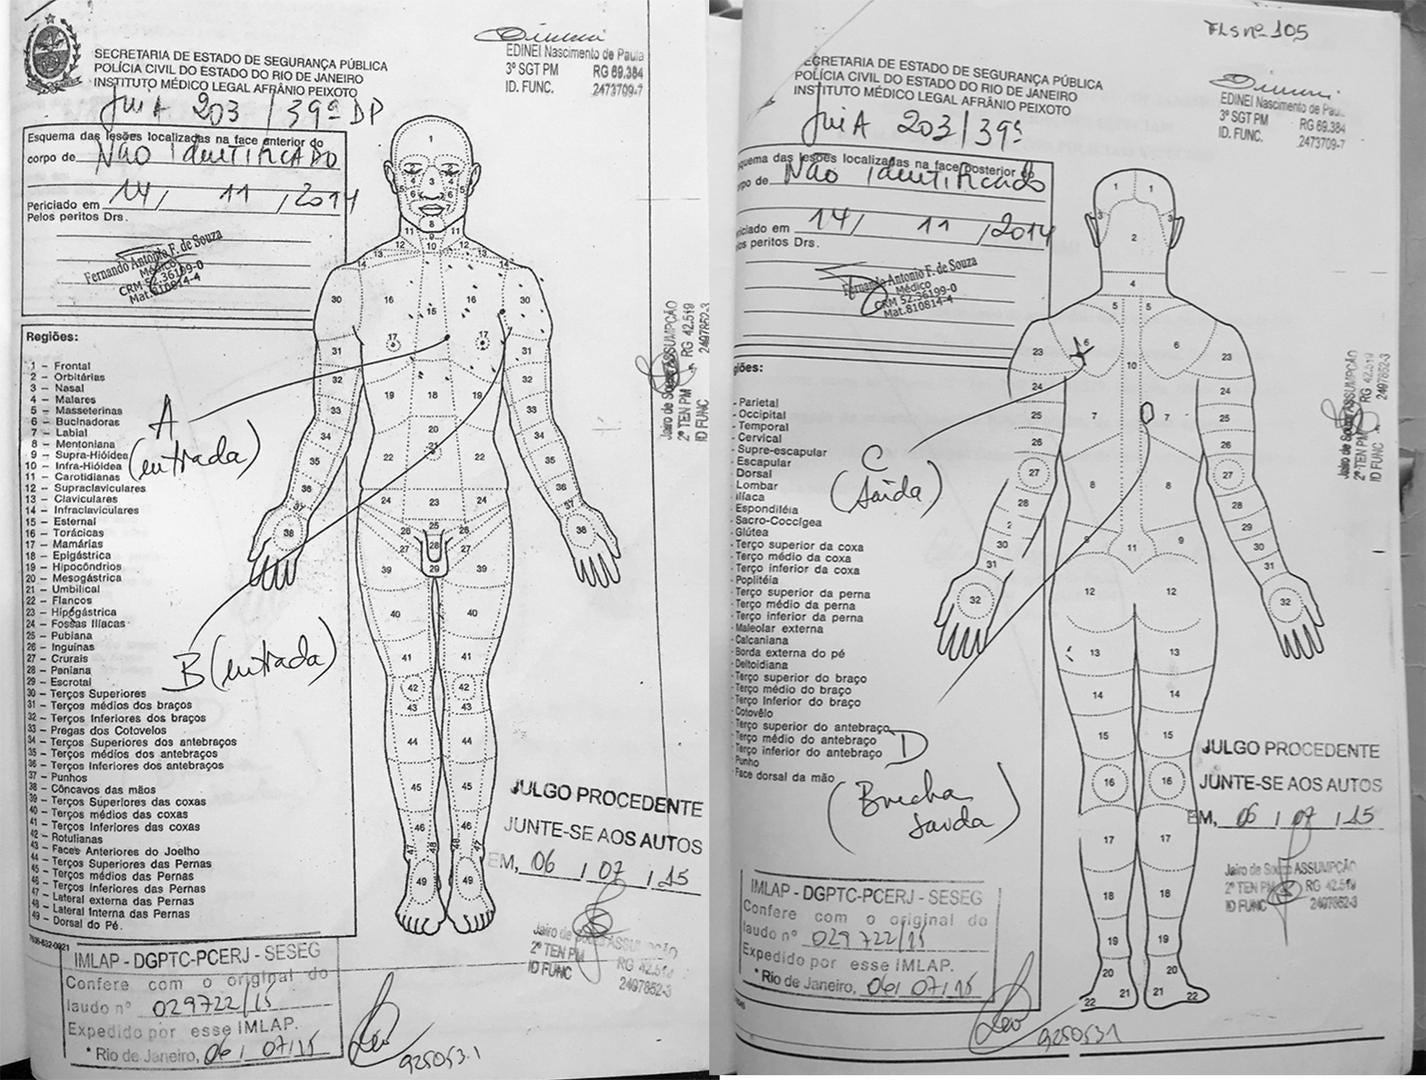 """Os diagramas da autópsia de Charles Alves Duarte mostram duas feridas de entrada de bala: no centro do peito (marcada por """"A"""") e no lado esquerdo do peito (marcada por """"B"""") com orlas de tatuagem, indicando que os tiros foram disparados à queima roupa. O f"""